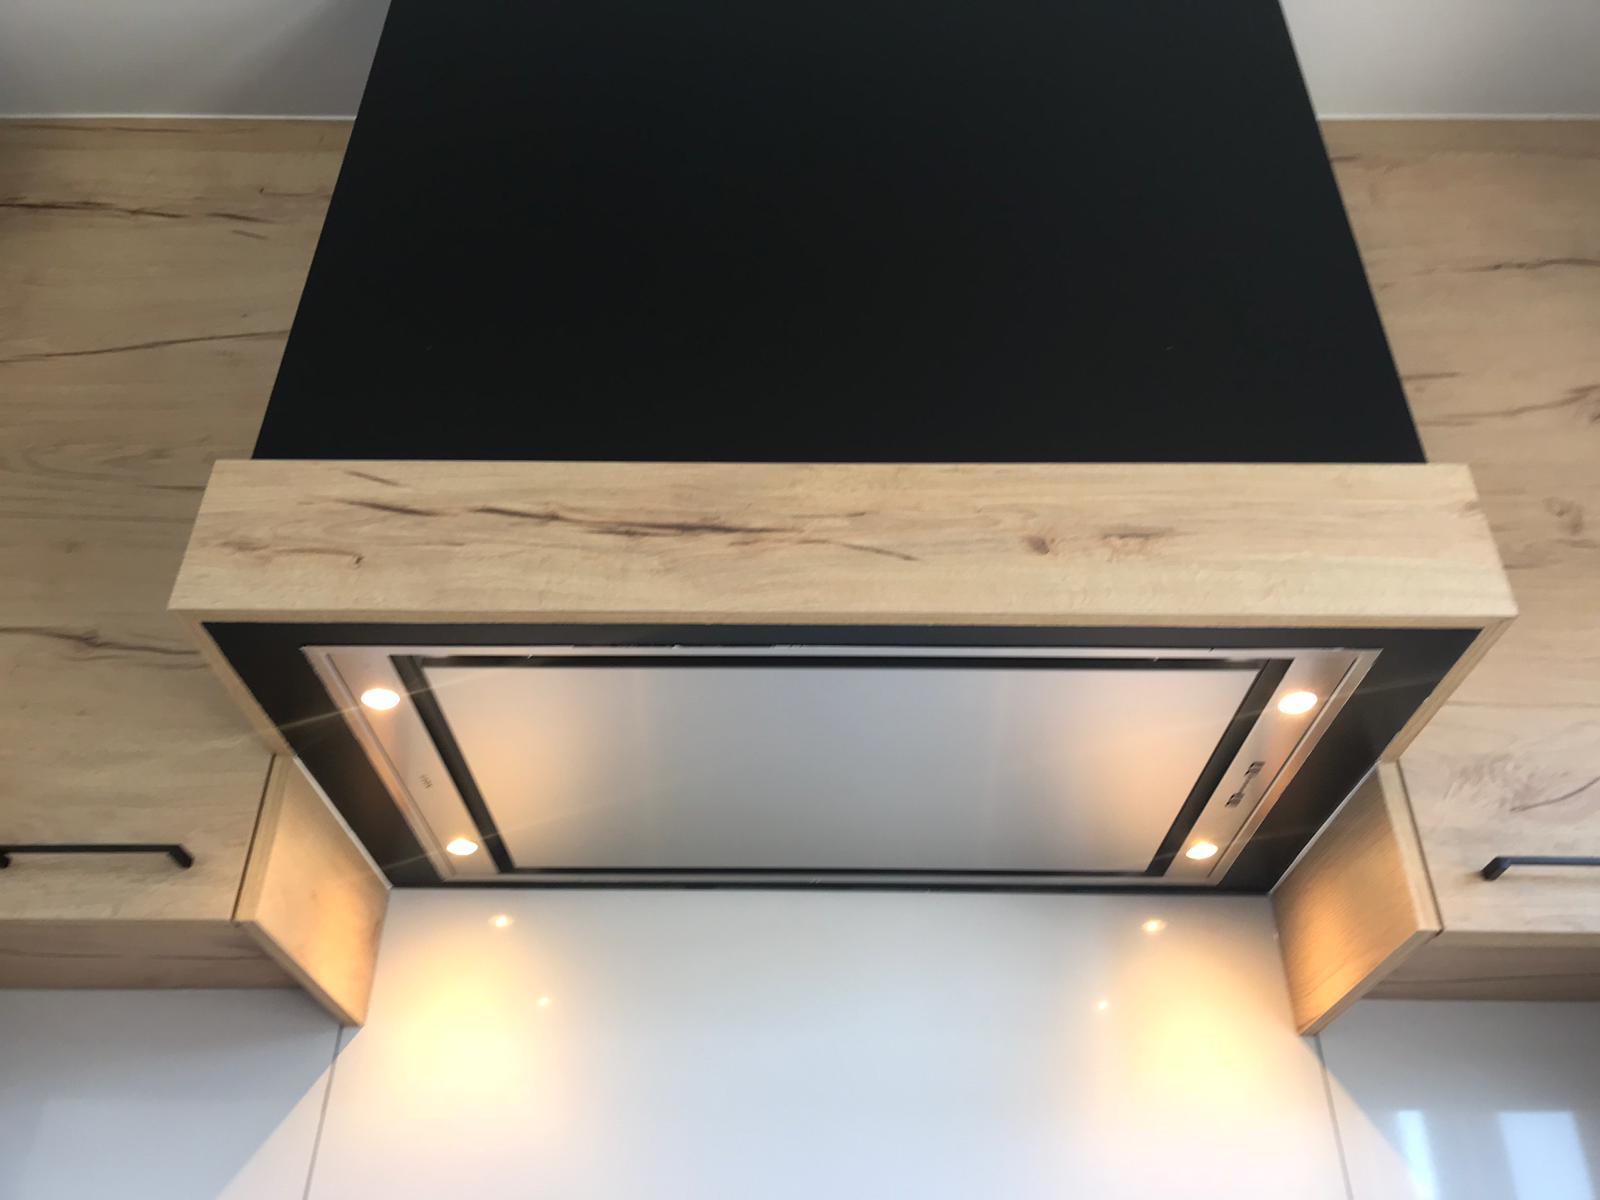 6 Keuken in zwarte laminaat gecombineerd met deuren in houtstructuur